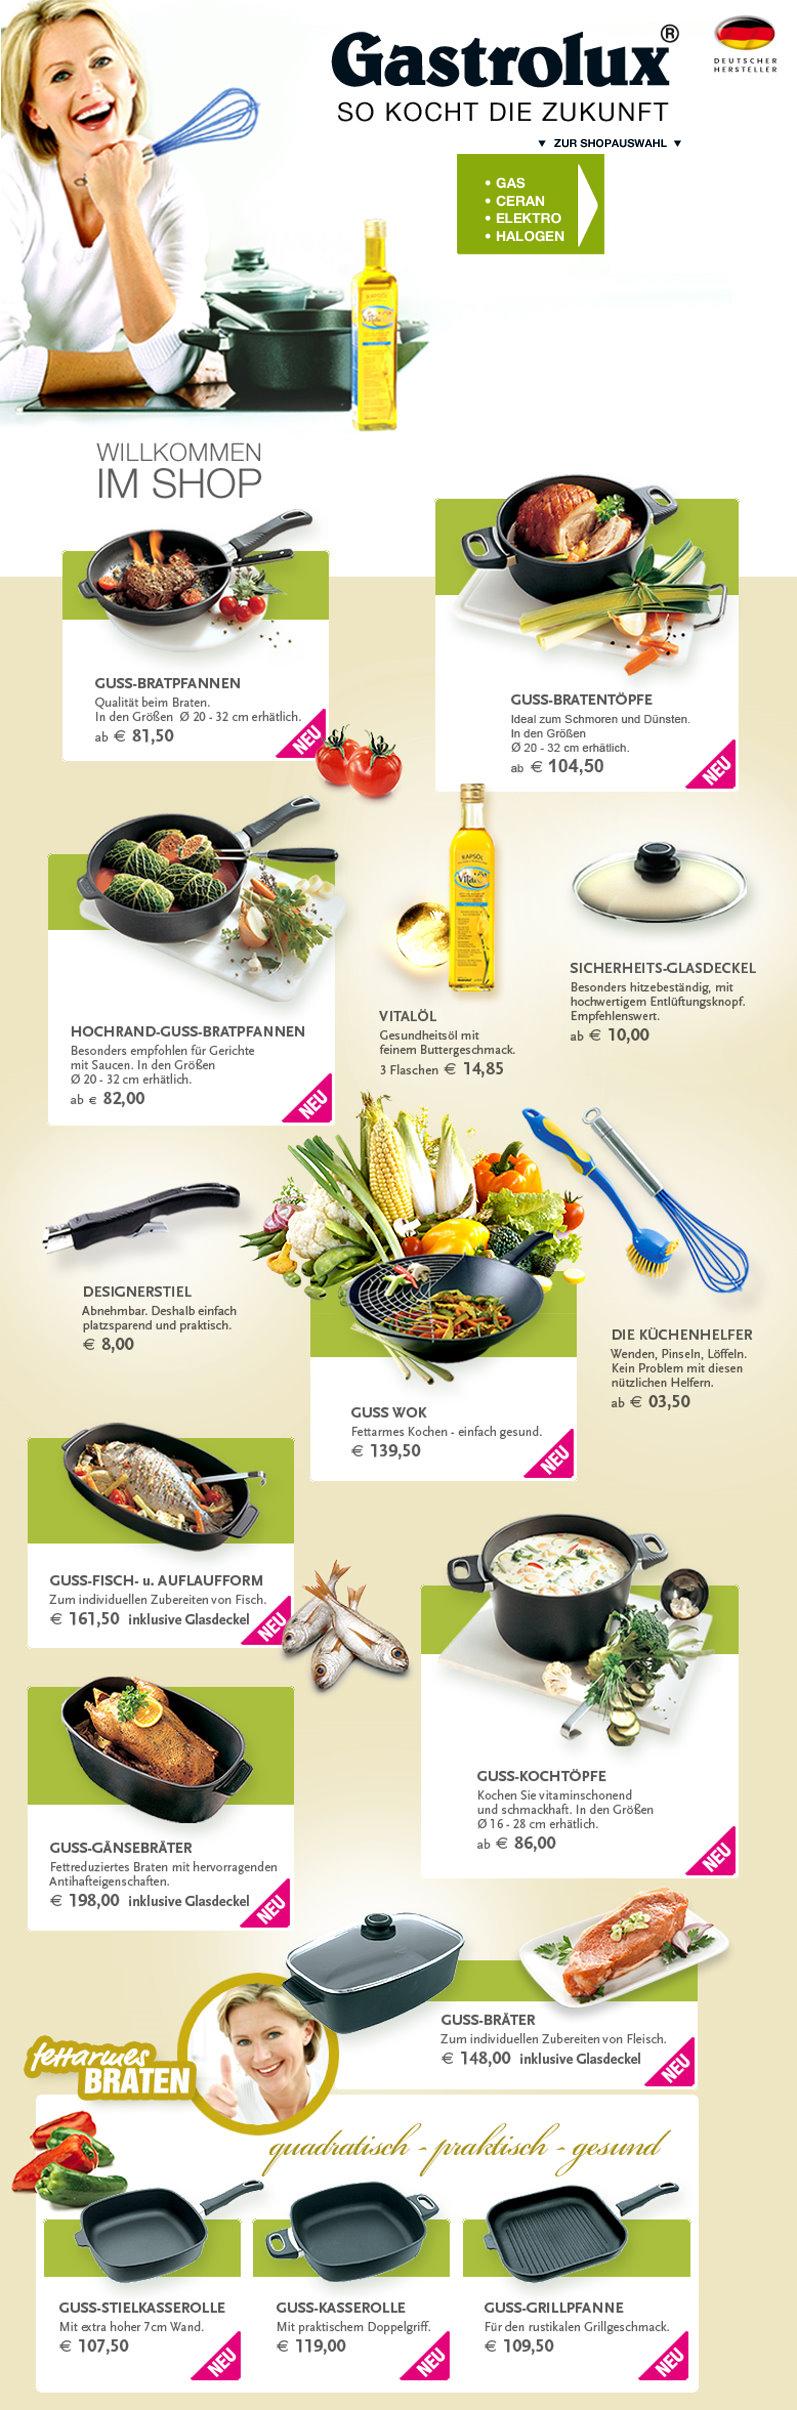 Kochen auf hohem Niveau? Das ist möglich mit den Pfannen von Gastrolux, fettarmes Braten ist kinderleicht möglich, es sind perfekte Helfer für jeden Hobbykoch